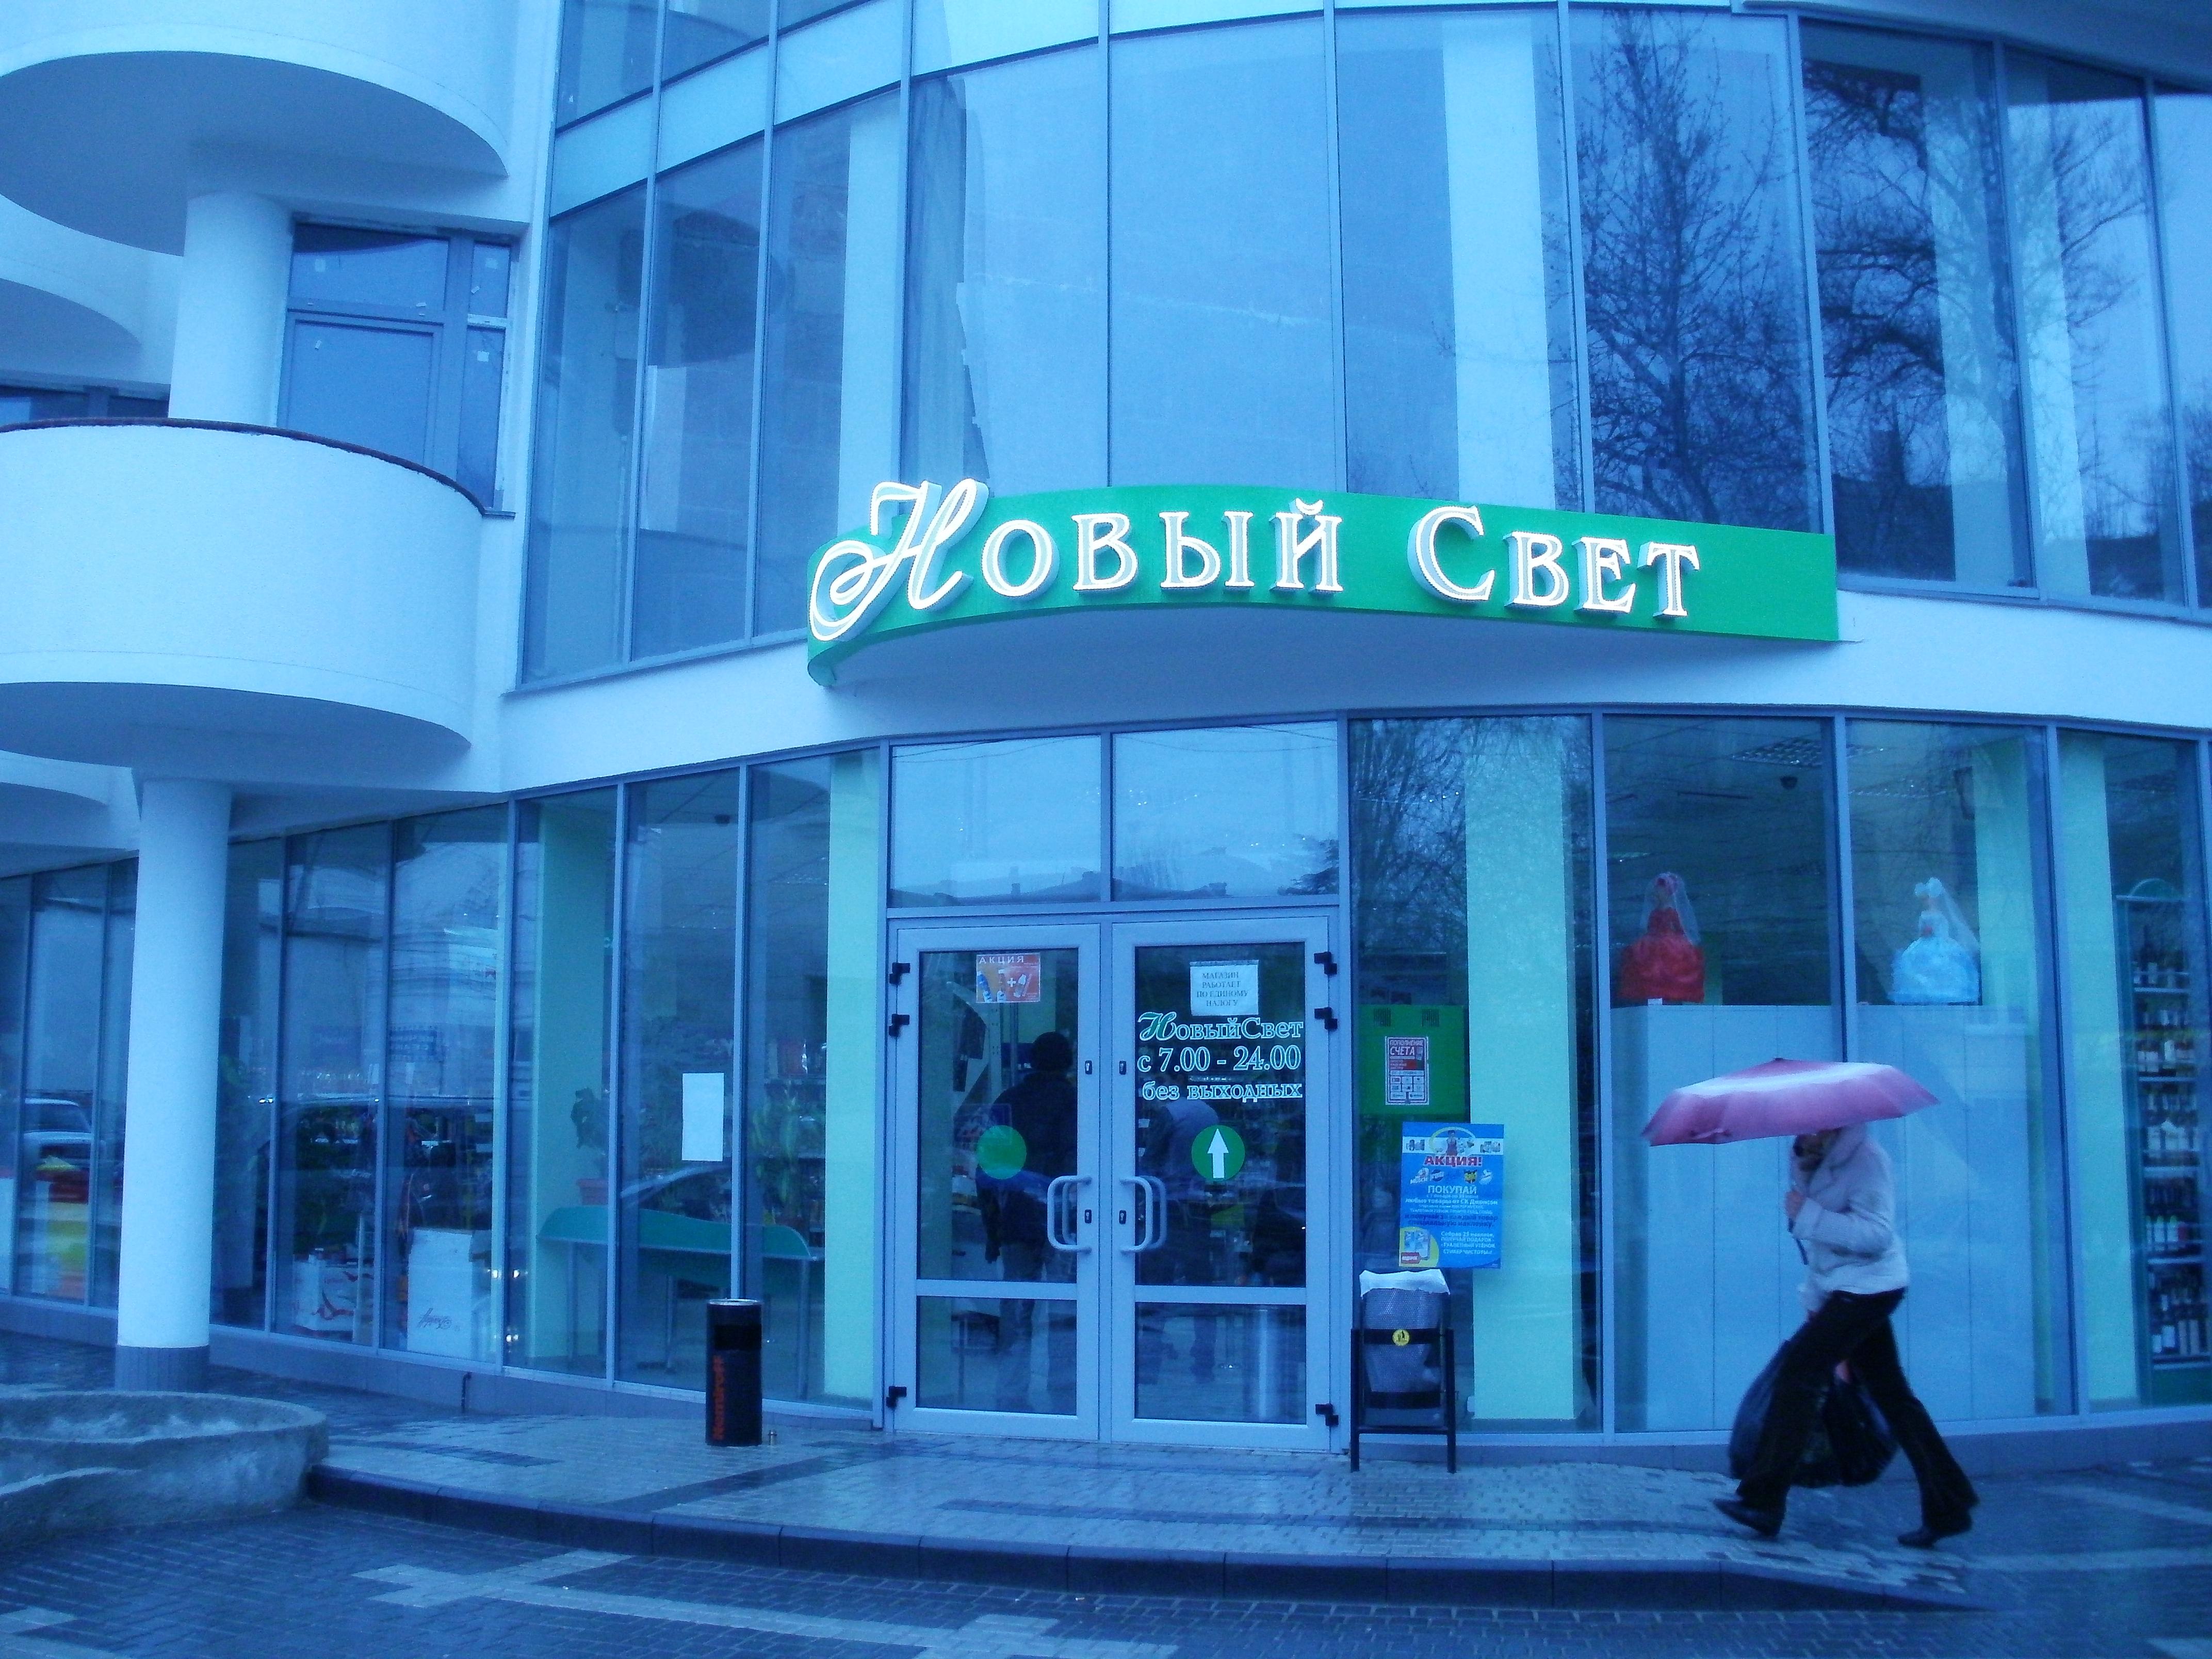 Новый свет, магазин, кафе фасад